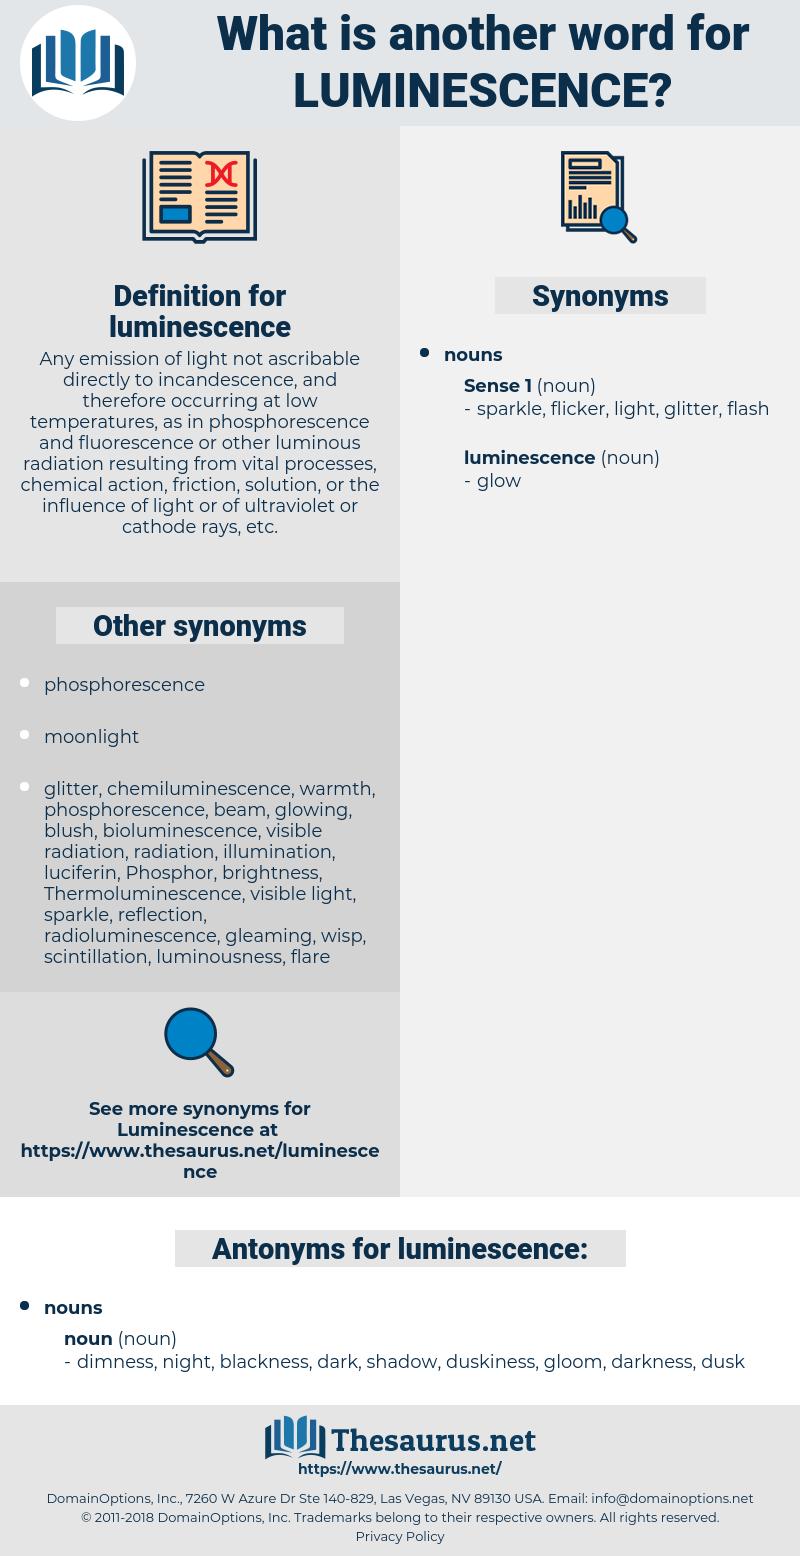 luminescence, synonym luminescence, another word for luminescence, words like luminescence, thesaurus luminescence